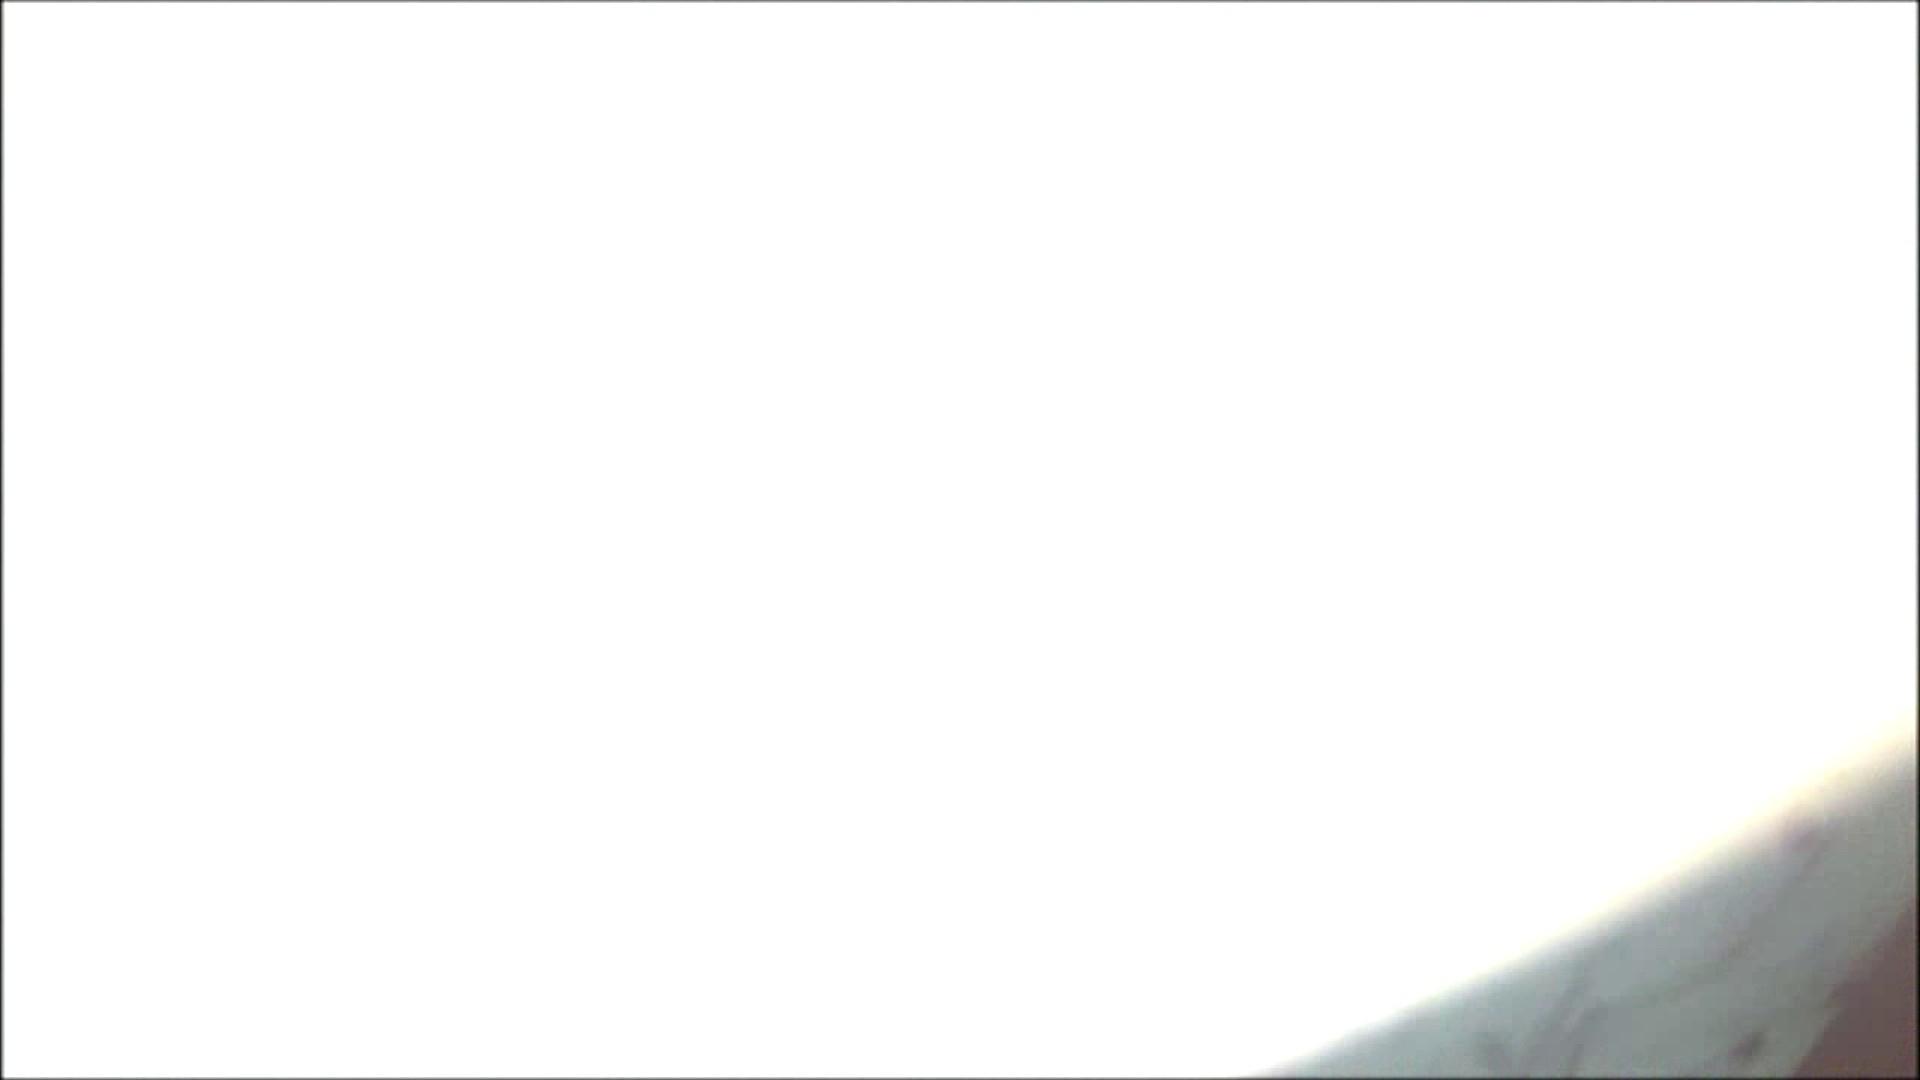 魔術師の お・も・て・な・し vol.03 やわらかおっぱいさん イタズラ  64連発 34